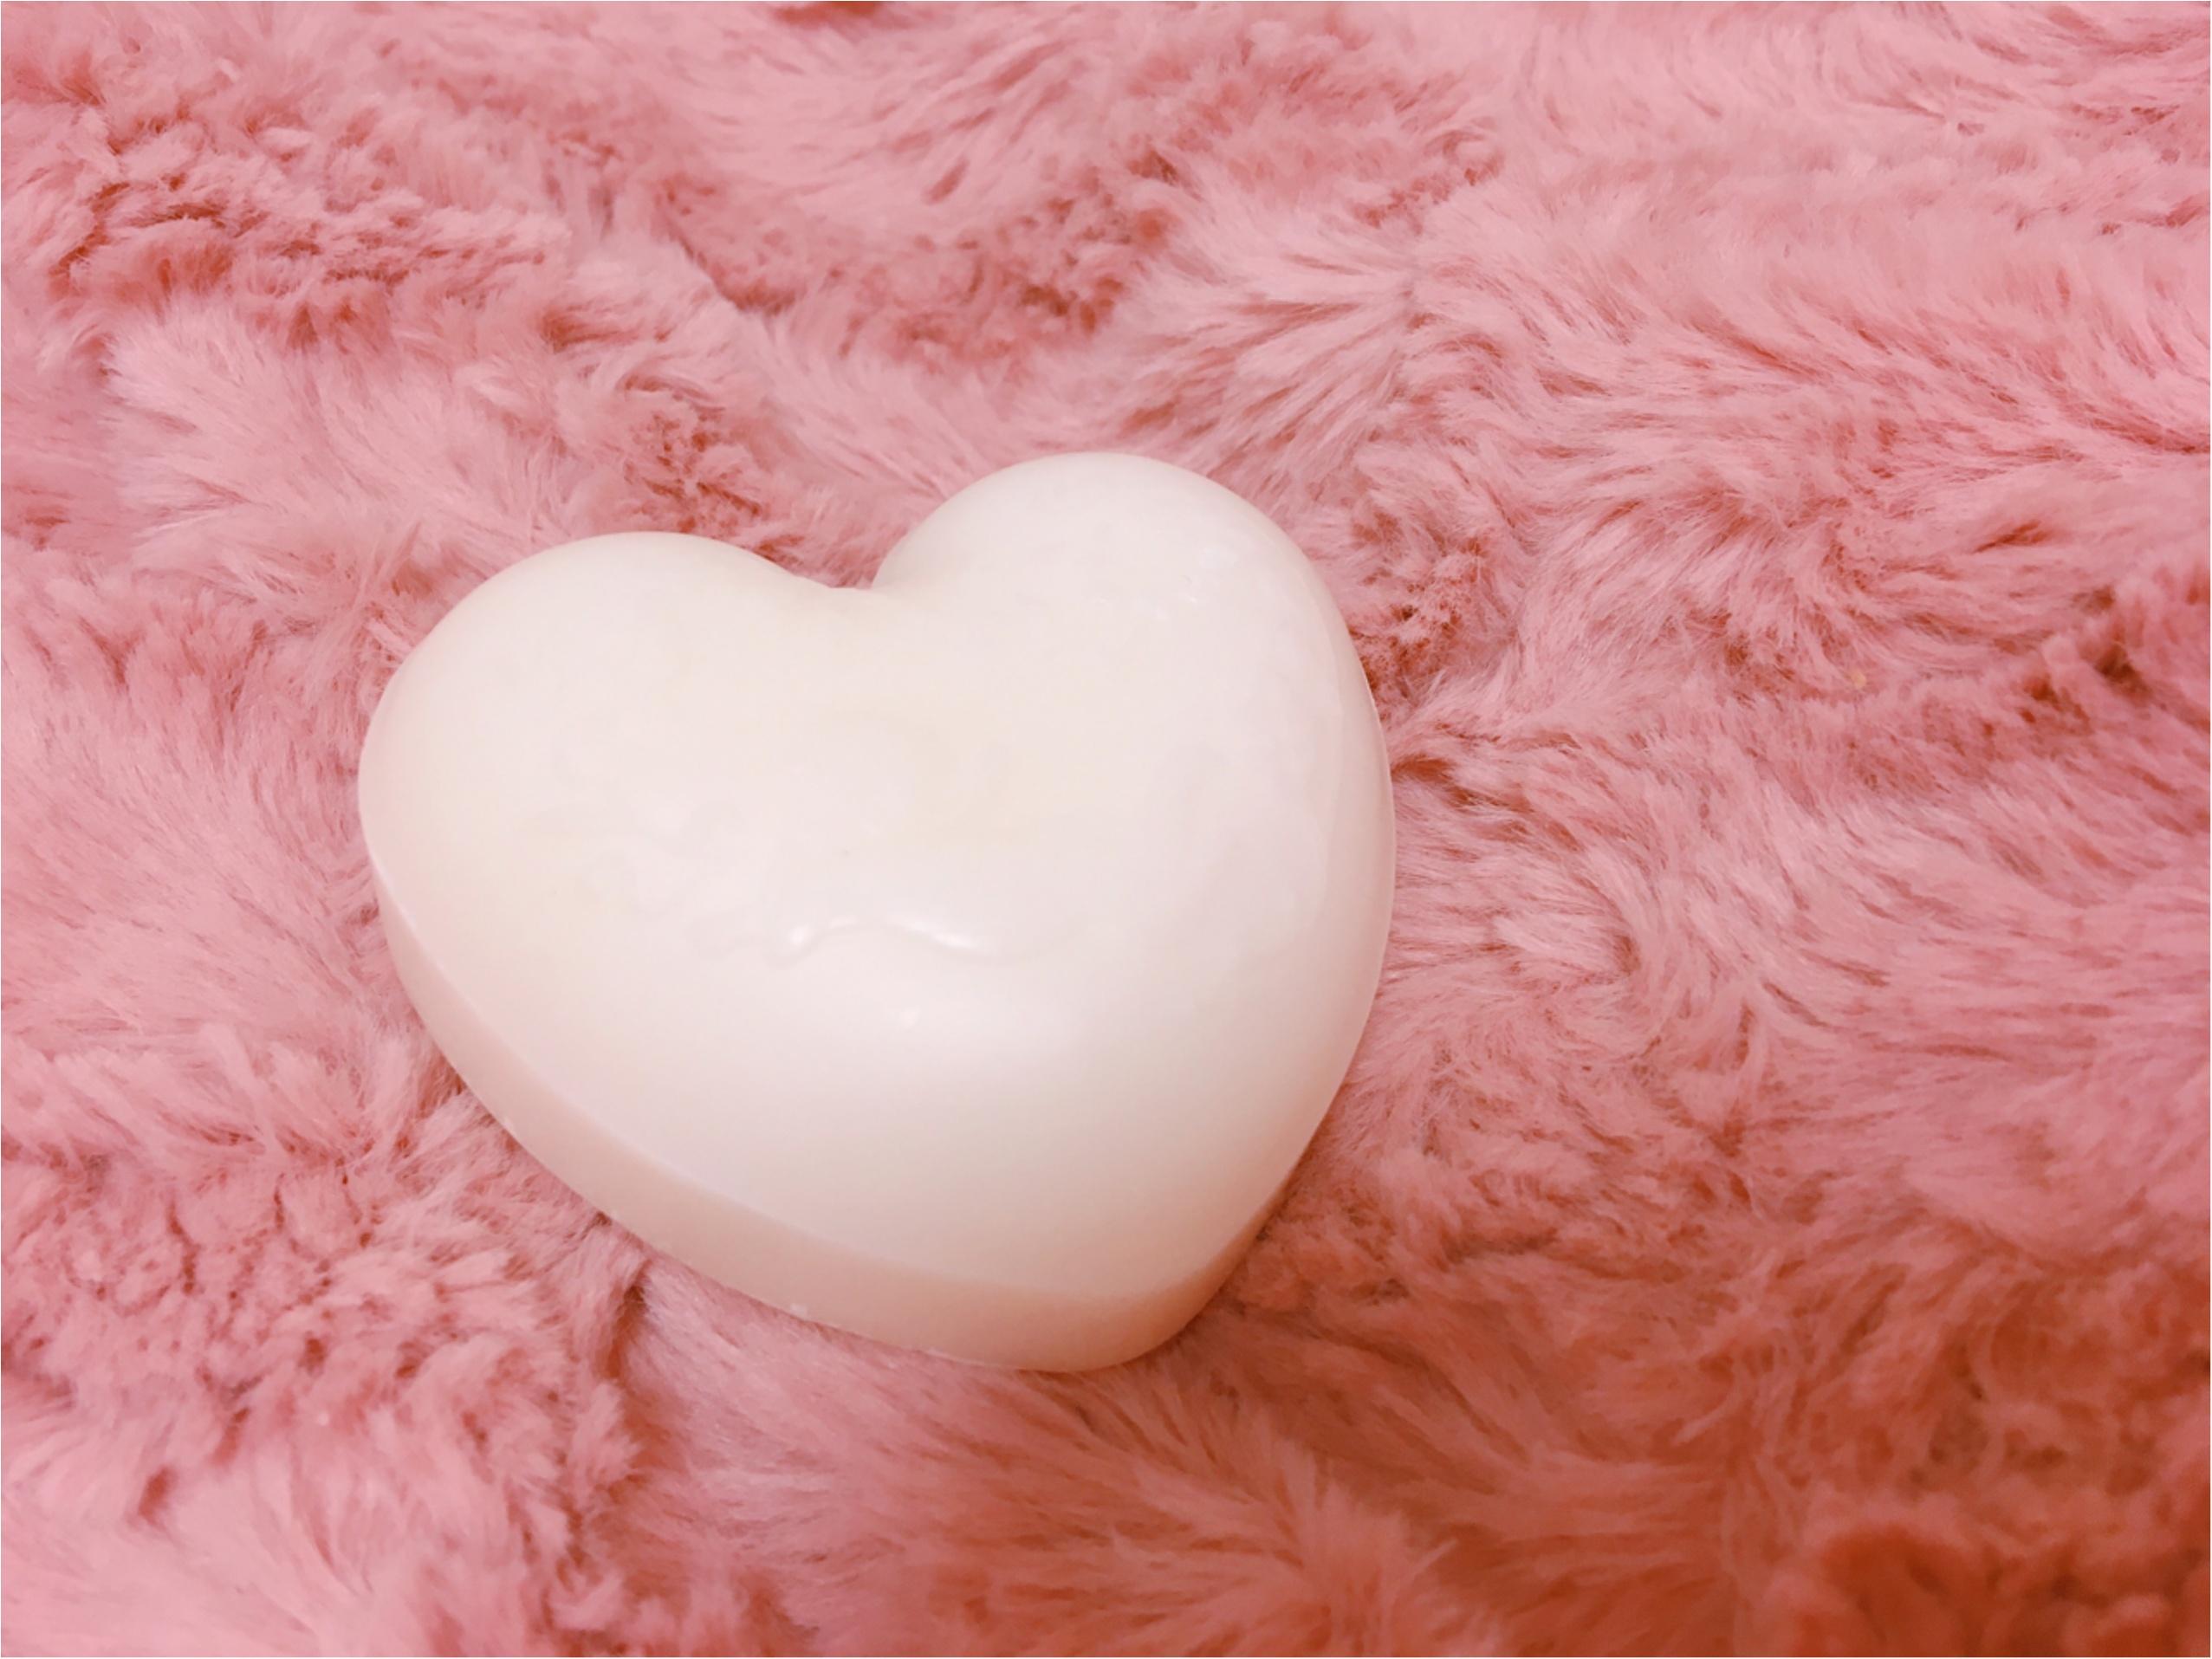 ハート型がかわいい『ボタニカル石鹸』はしっとりとした洗い上がり_3